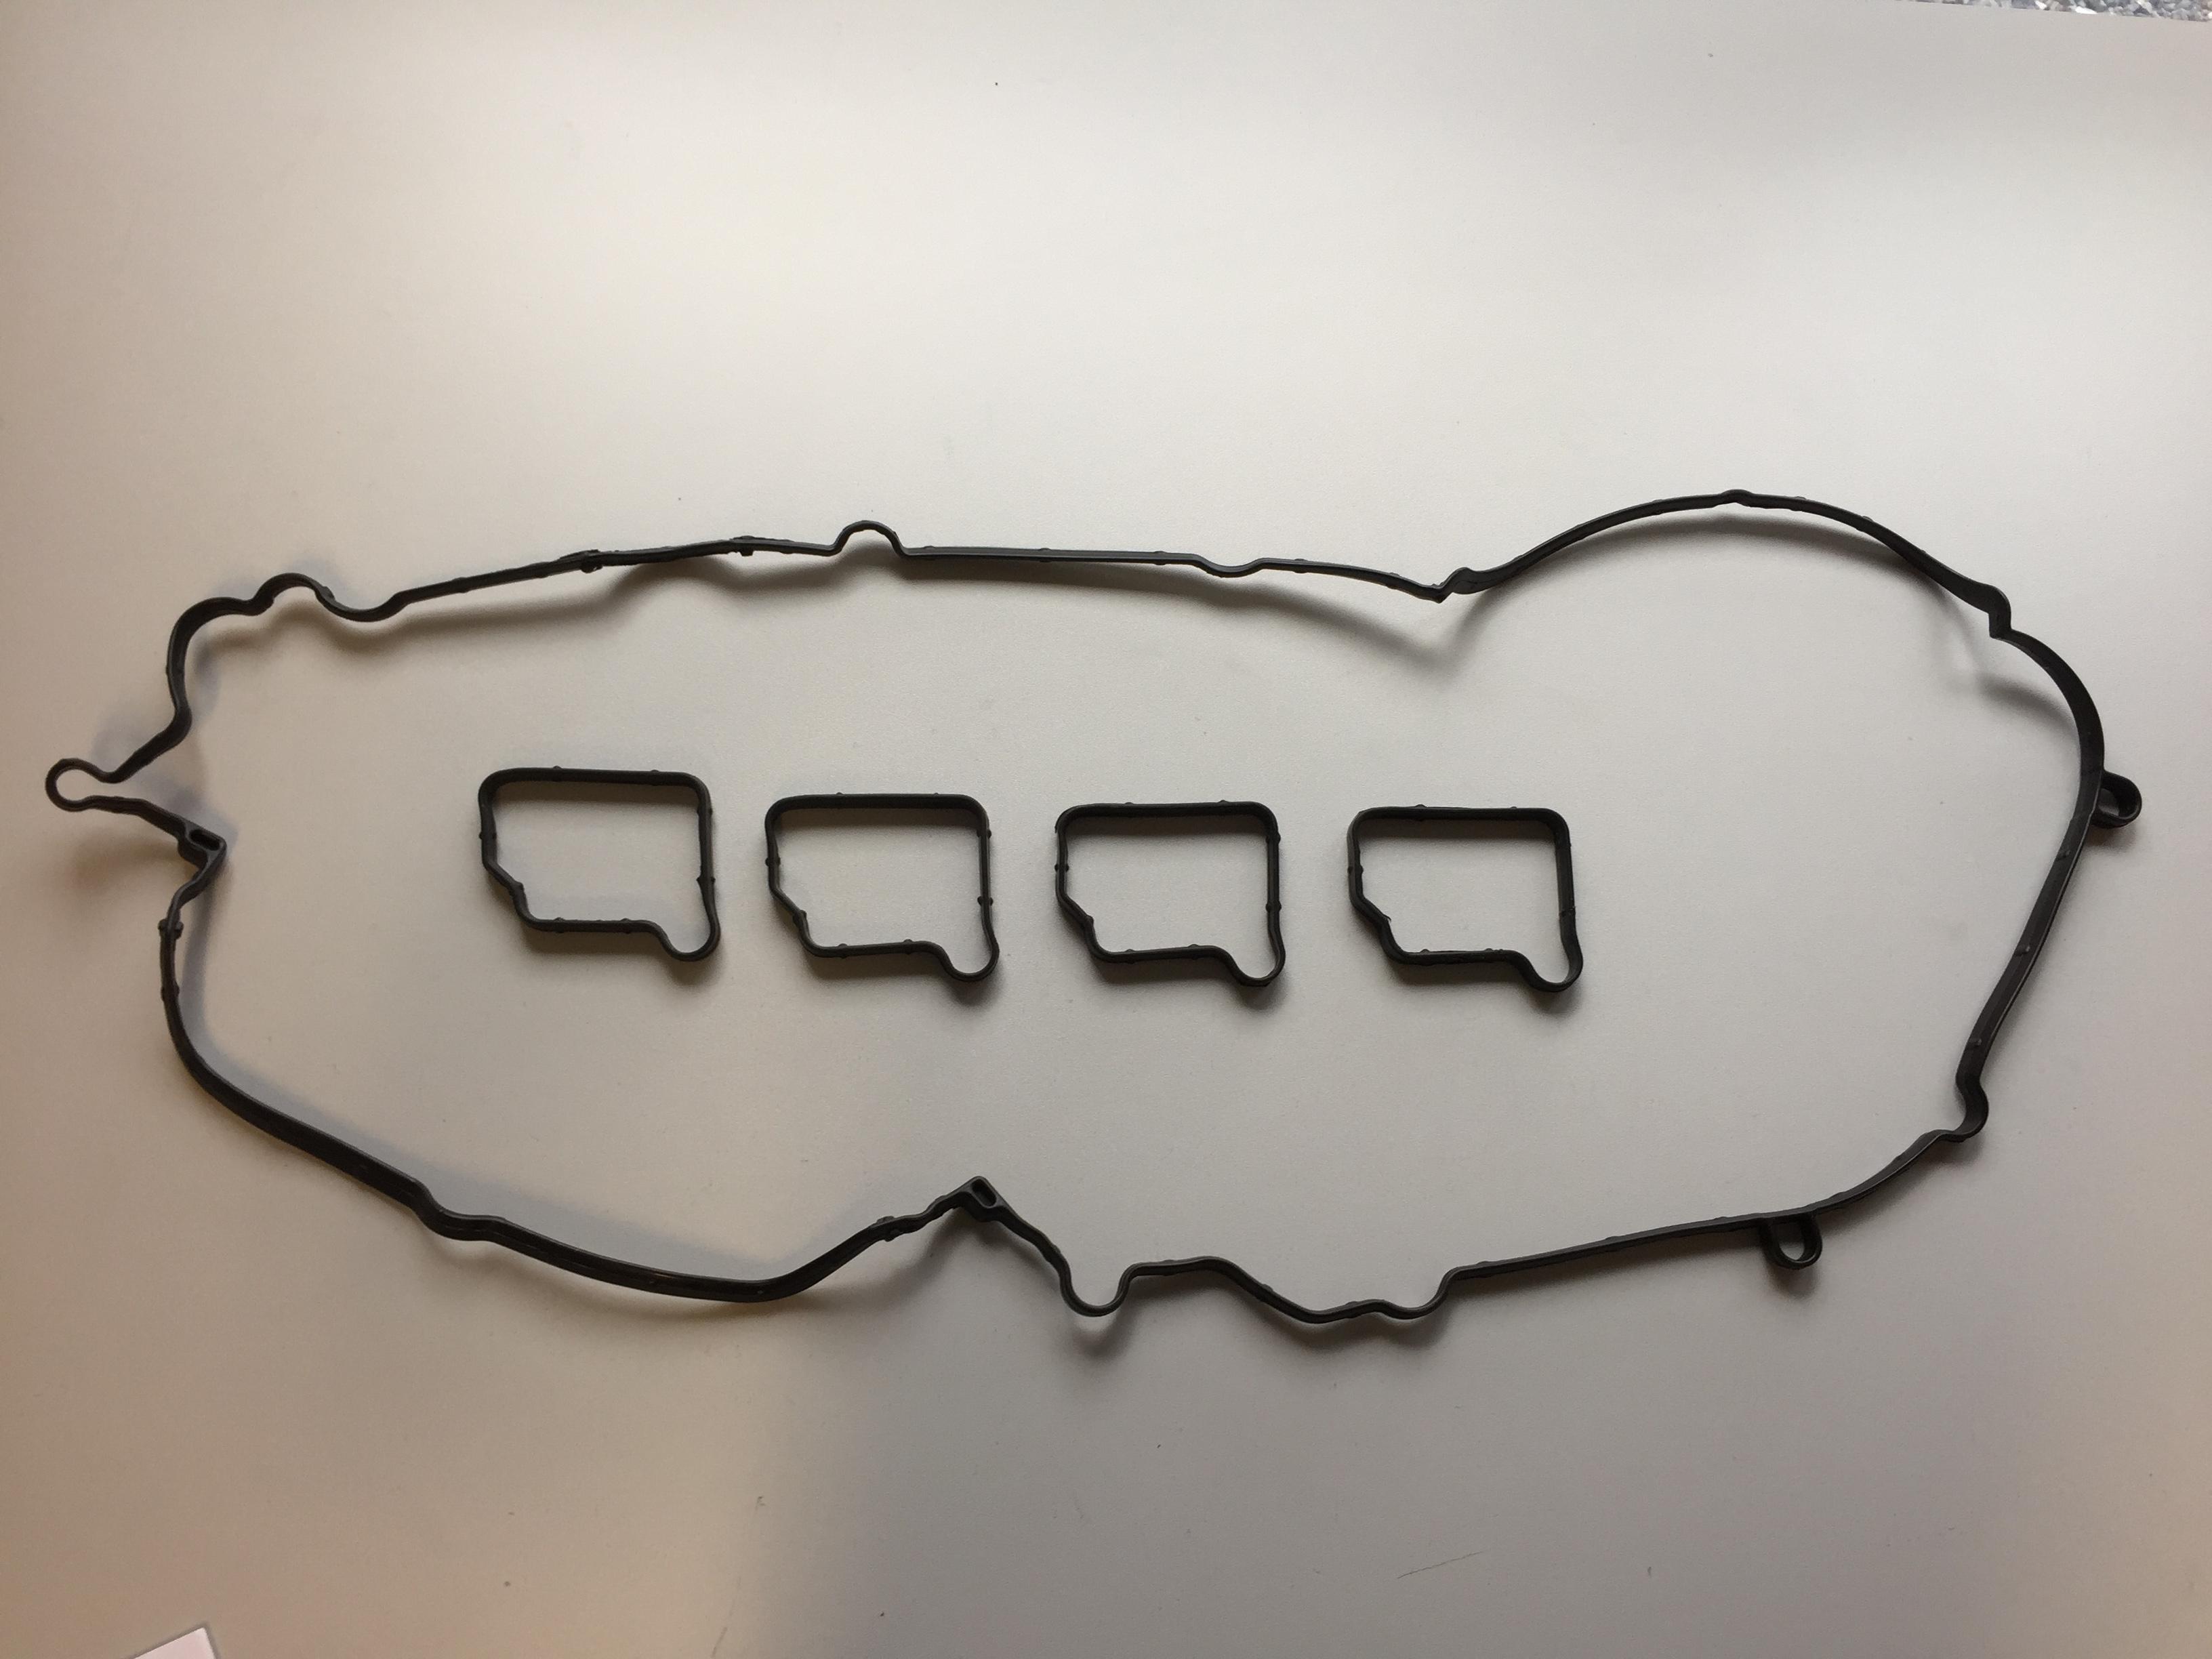 Ventildeckeldichtung Dichtungssatz Mercedes-Benz 1,8 271.861 NEU DE243652